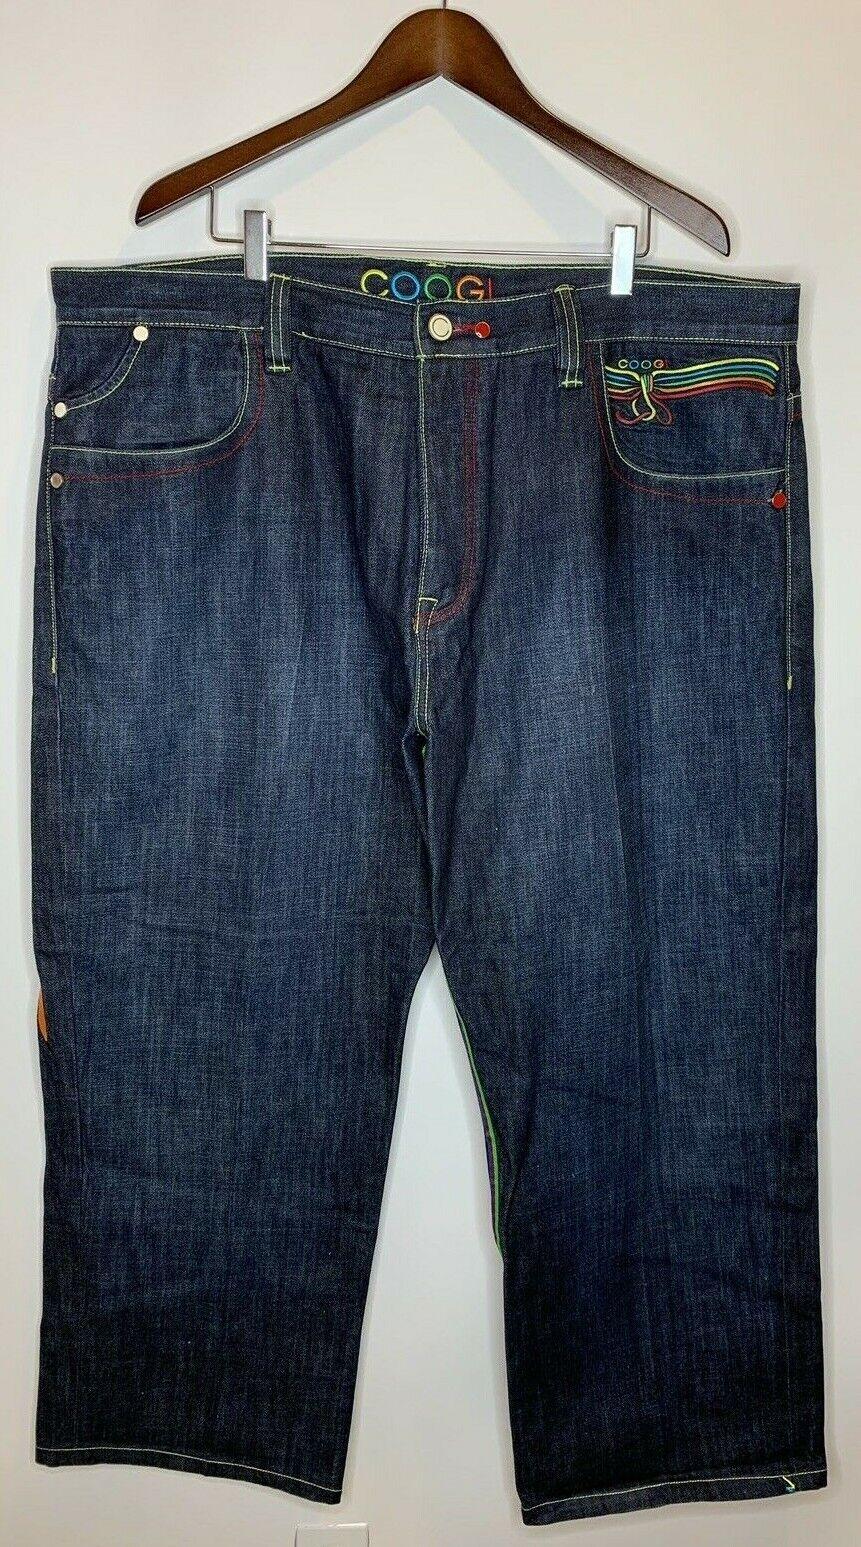 Coogi Australia Zapatillas  Para Hombre Bordado De 42 X 35 Azul Denim jeans Sueltos Holgados  en stock